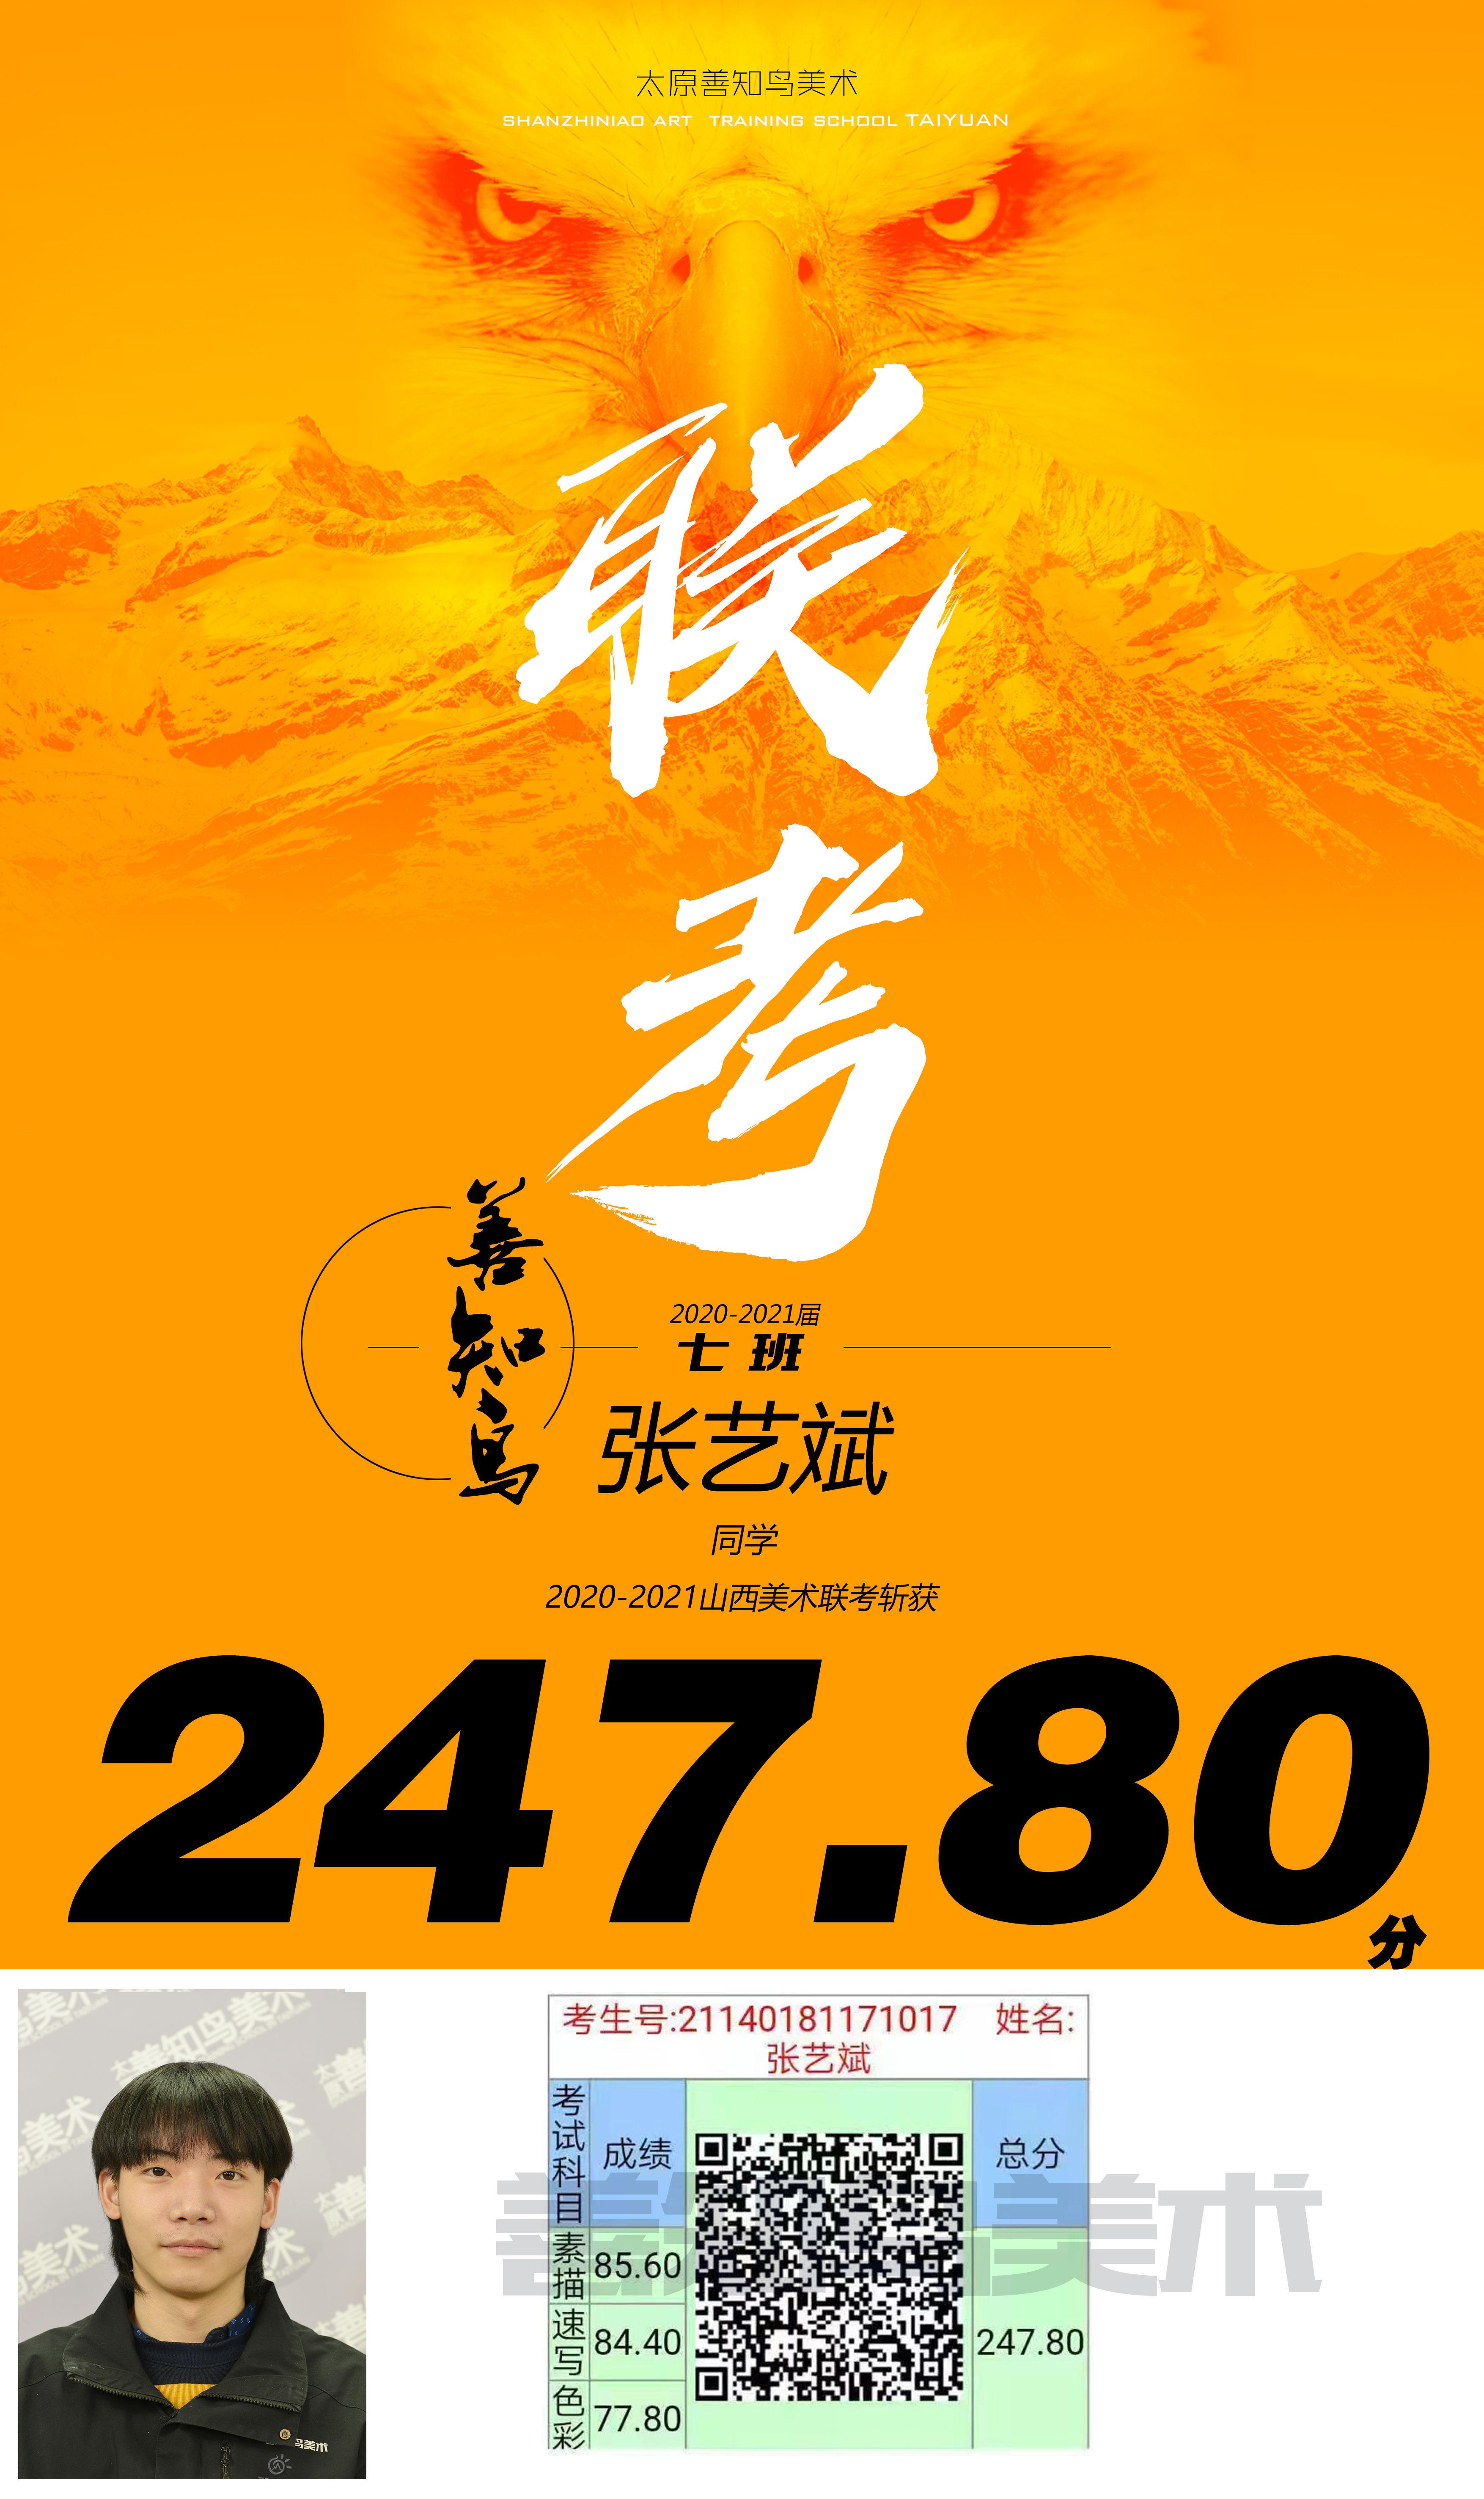 247.8张艺斌.jpg